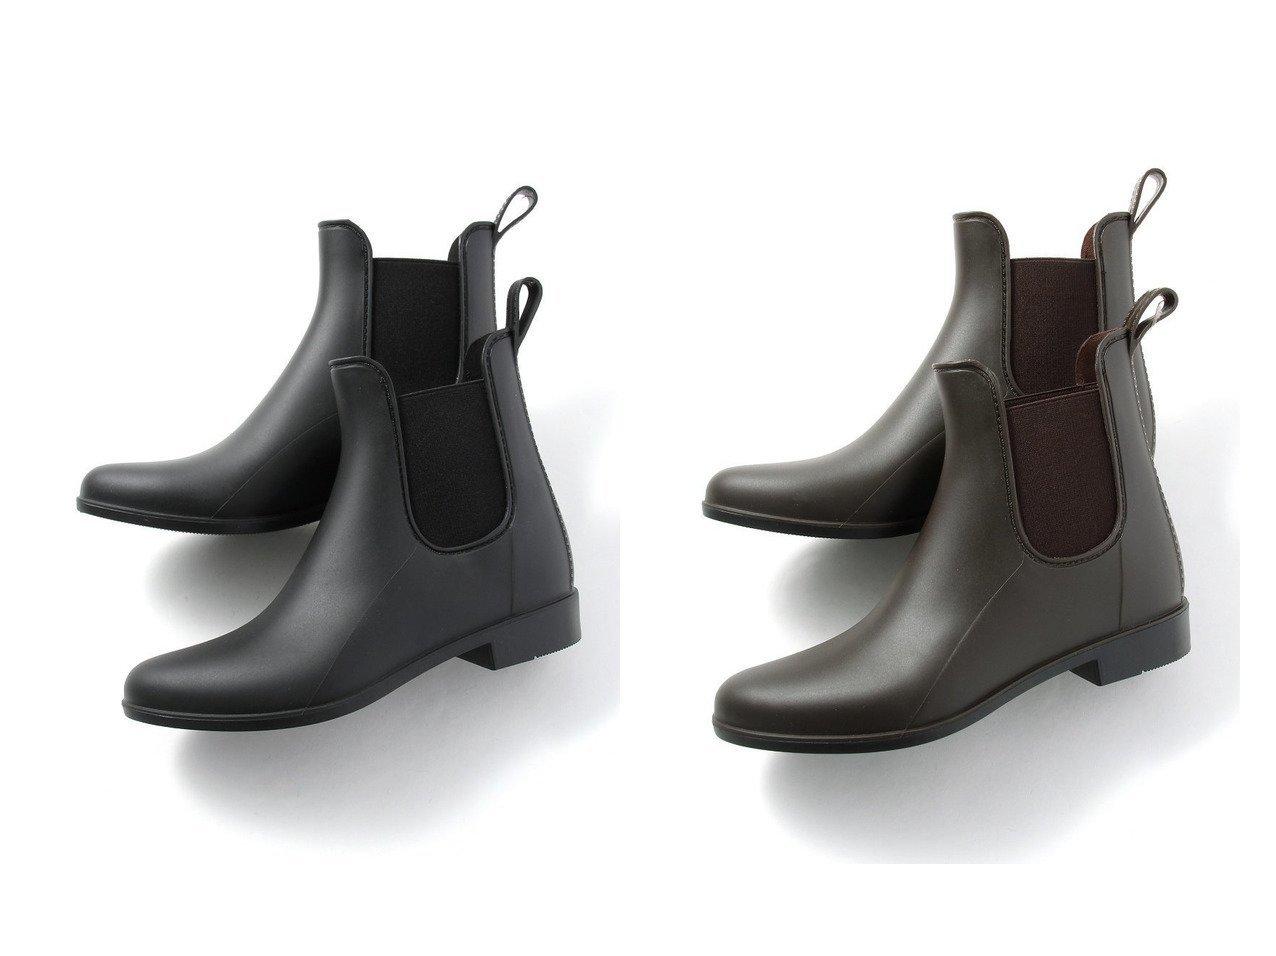 【B:MING LIFE STORE by BEAMS/ビーミングライフストアバイビームス】のレインサイドゴア ブーツ ビームス 【シューズ・靴】おすすめ!人気、トレンド・レディースファッションの通販 おすすめファッション通販アイテム インテリア・キッズ・メンズ・レディースファッション・服の通販 founy(ファニー)  ファッション Fashion レディースファッション WOMEN シューズ ショート シンプル 軽量 ブラック系 Black ブラウン系 Brown |ID:crp329100000037642